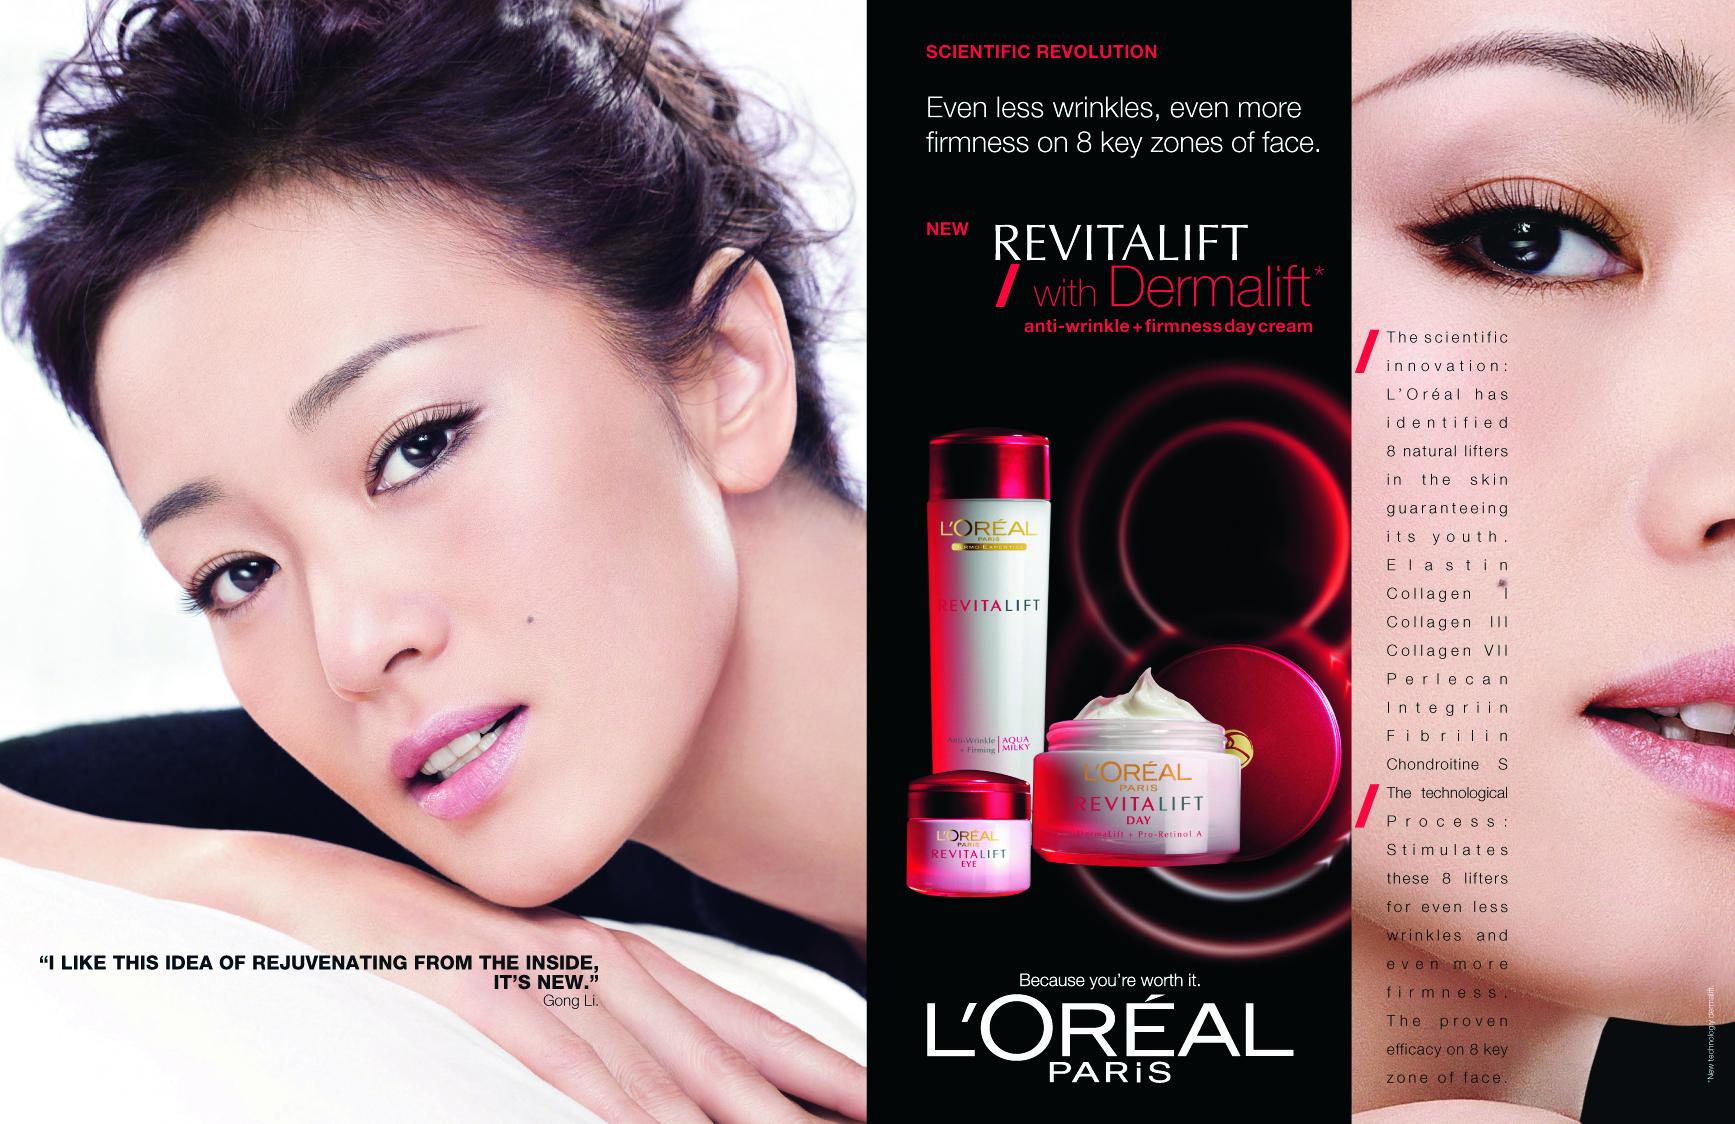 Loreal ad